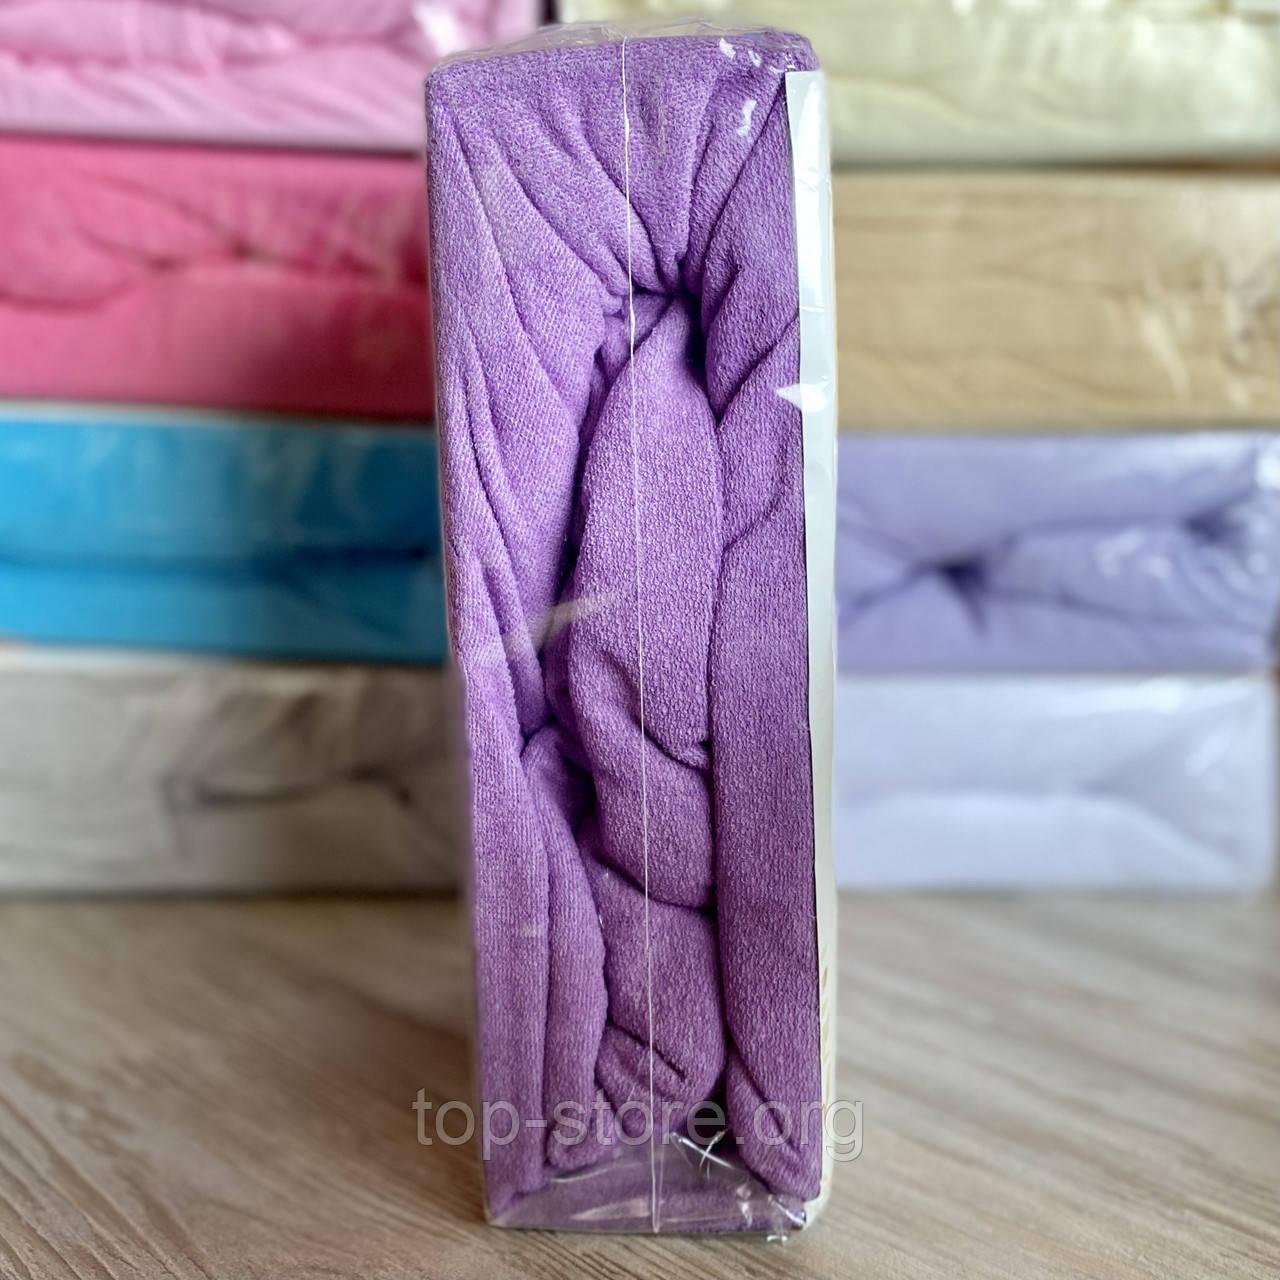 Простирадло махрова на резинці універсальний розмір 230х250см VISION Premium Туреччина Колір - Фіолетовий 100% Бавовна